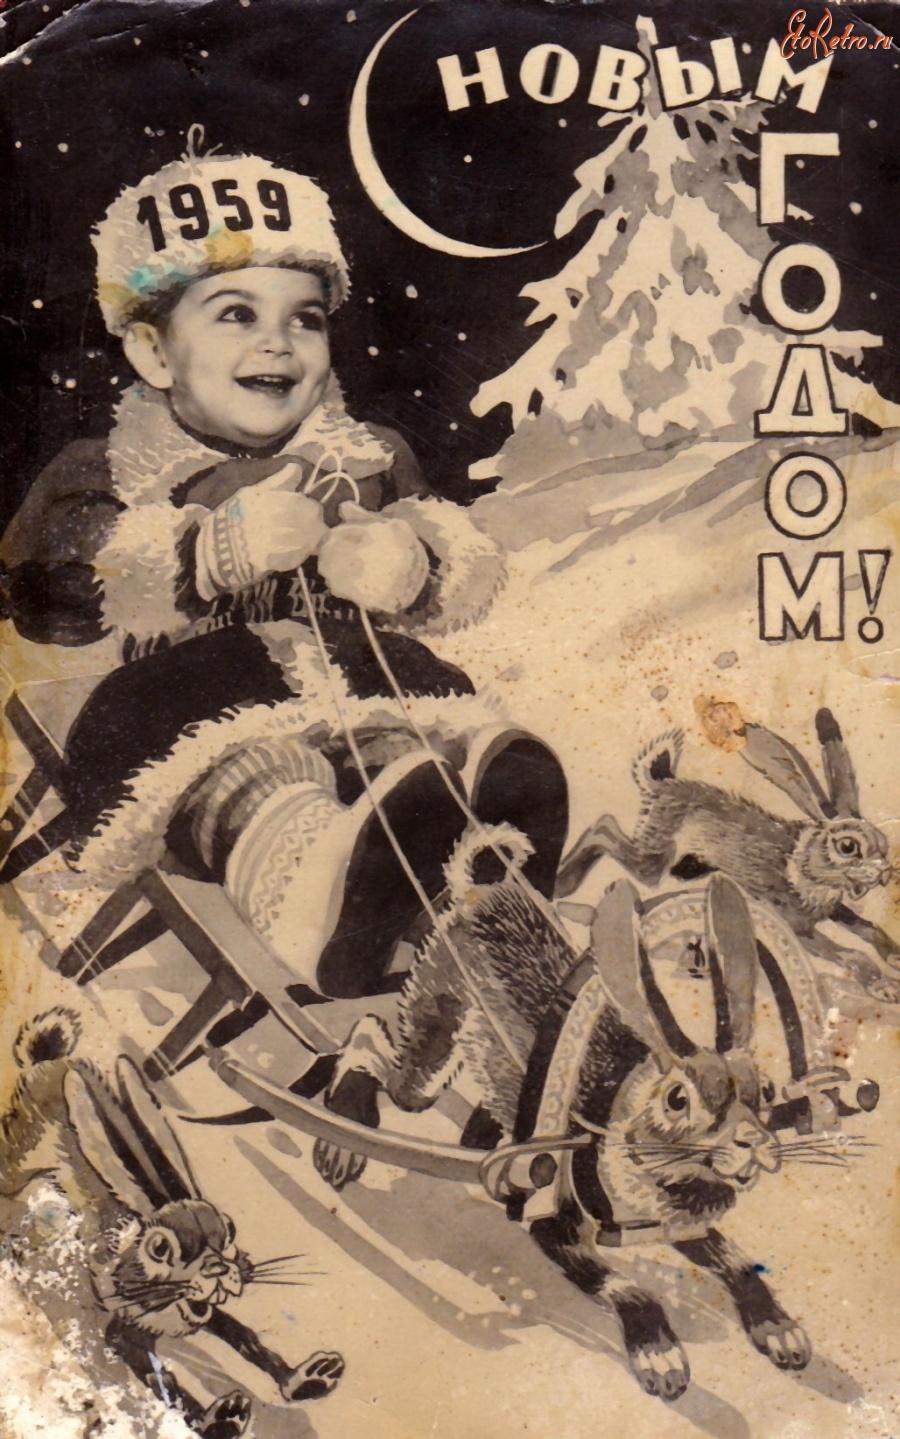 Прощенное воскресенье, открытки с новым годом 1959 года